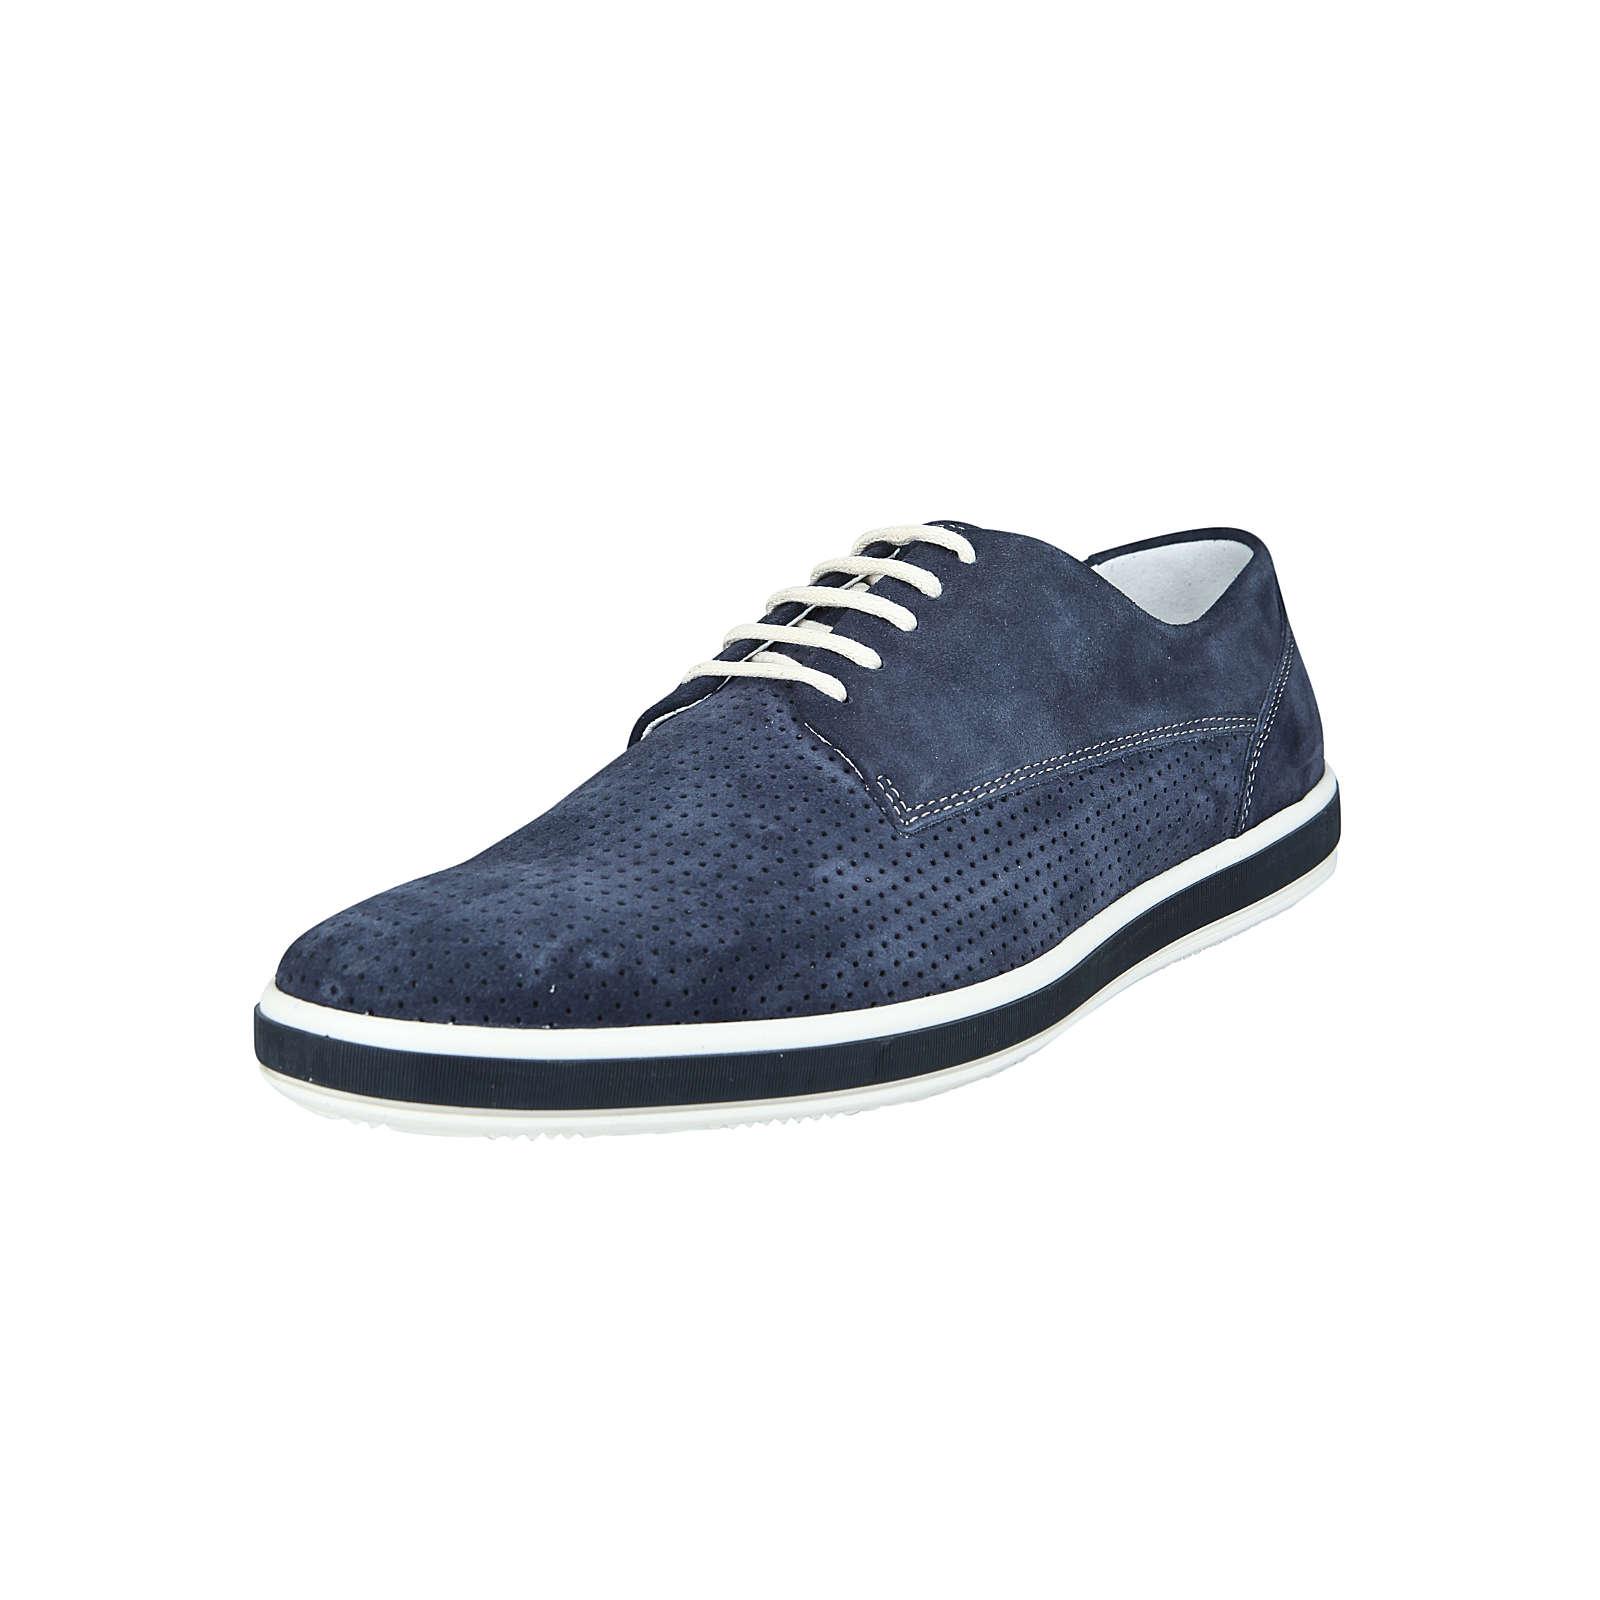 IGI & CO Schuh mit Lochprägung Schnürschuhe blau Herren Gr. 41